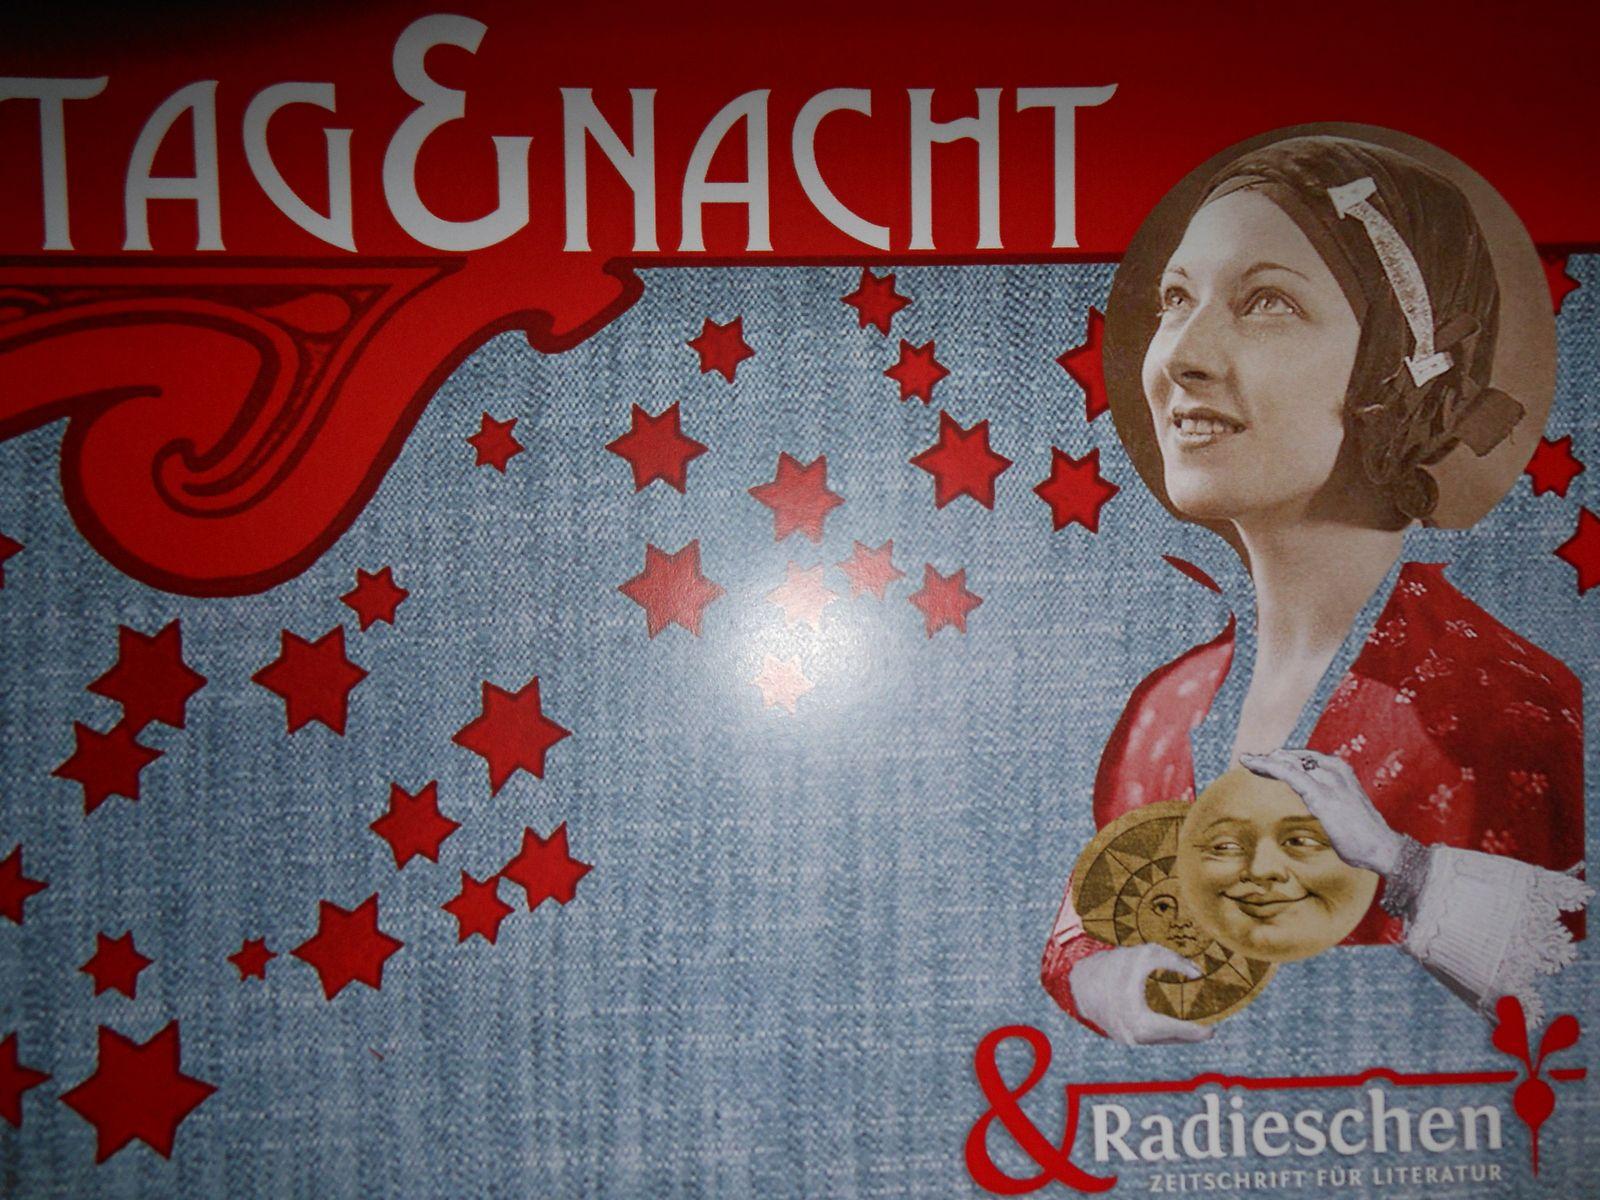 & Radieschen